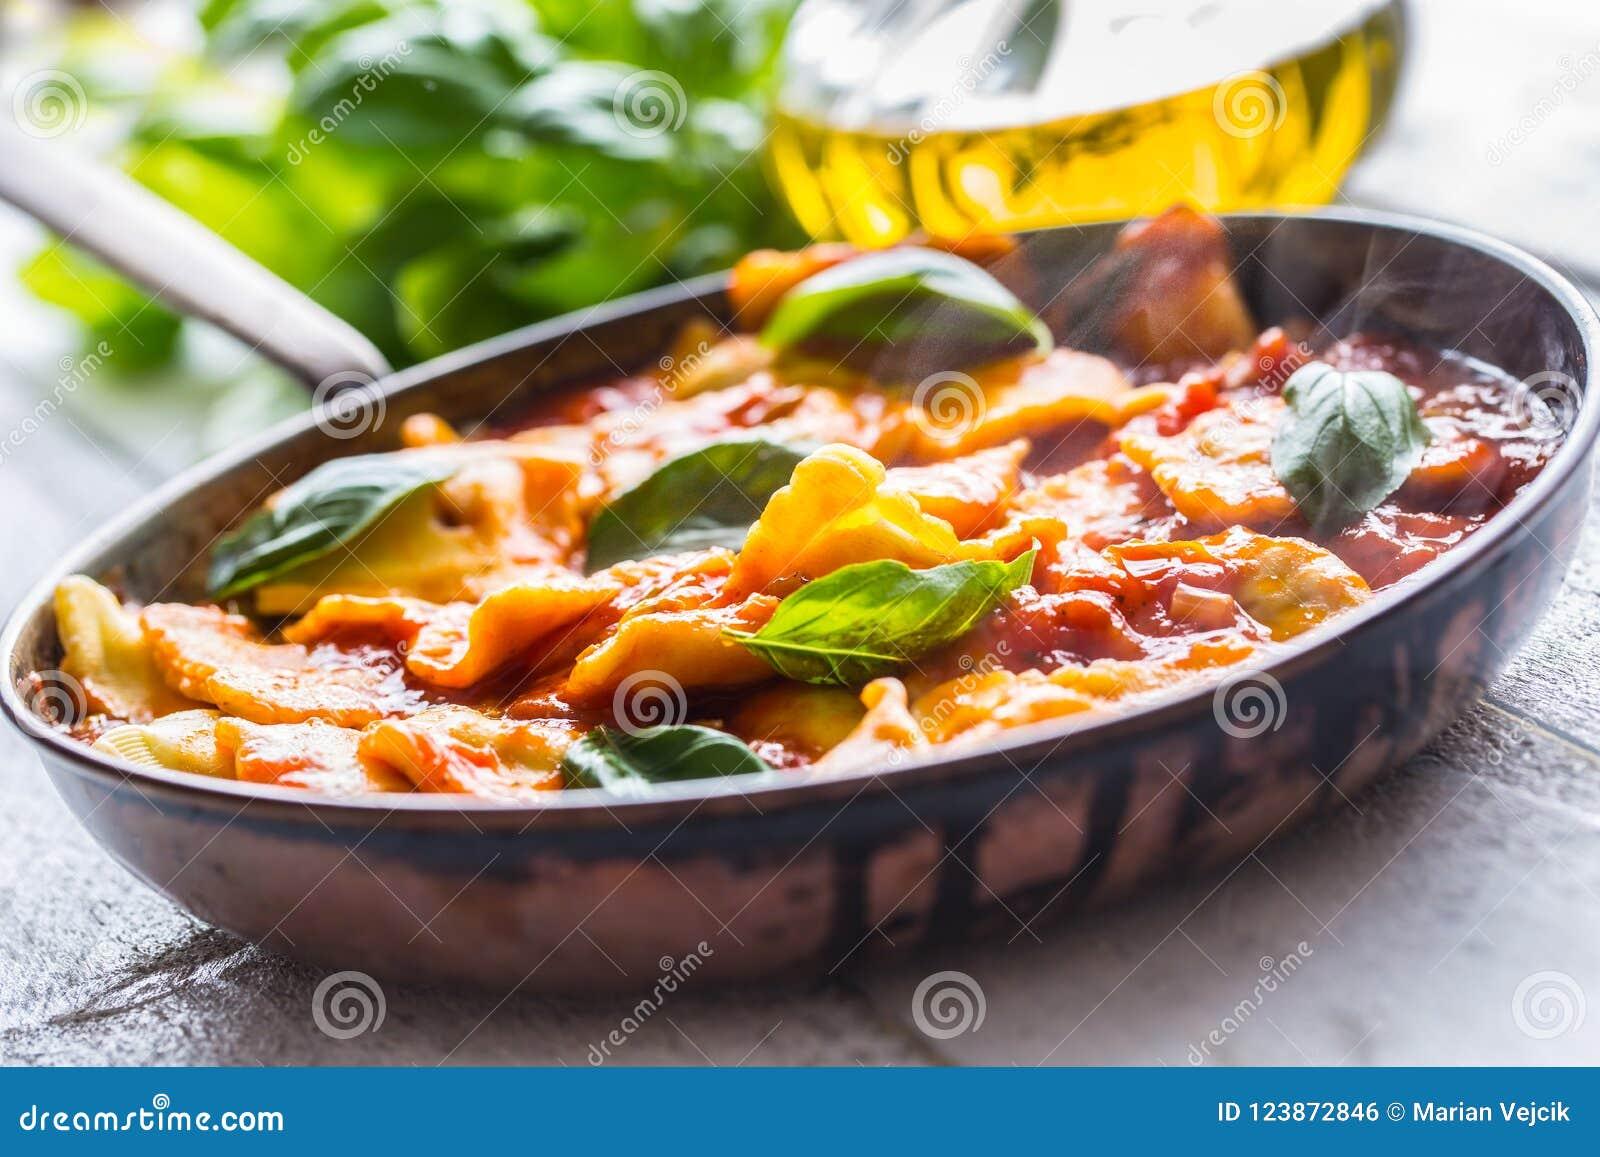 Ravioli italiani o mediterranei della pasta dell alimento di salsa al pomodoro